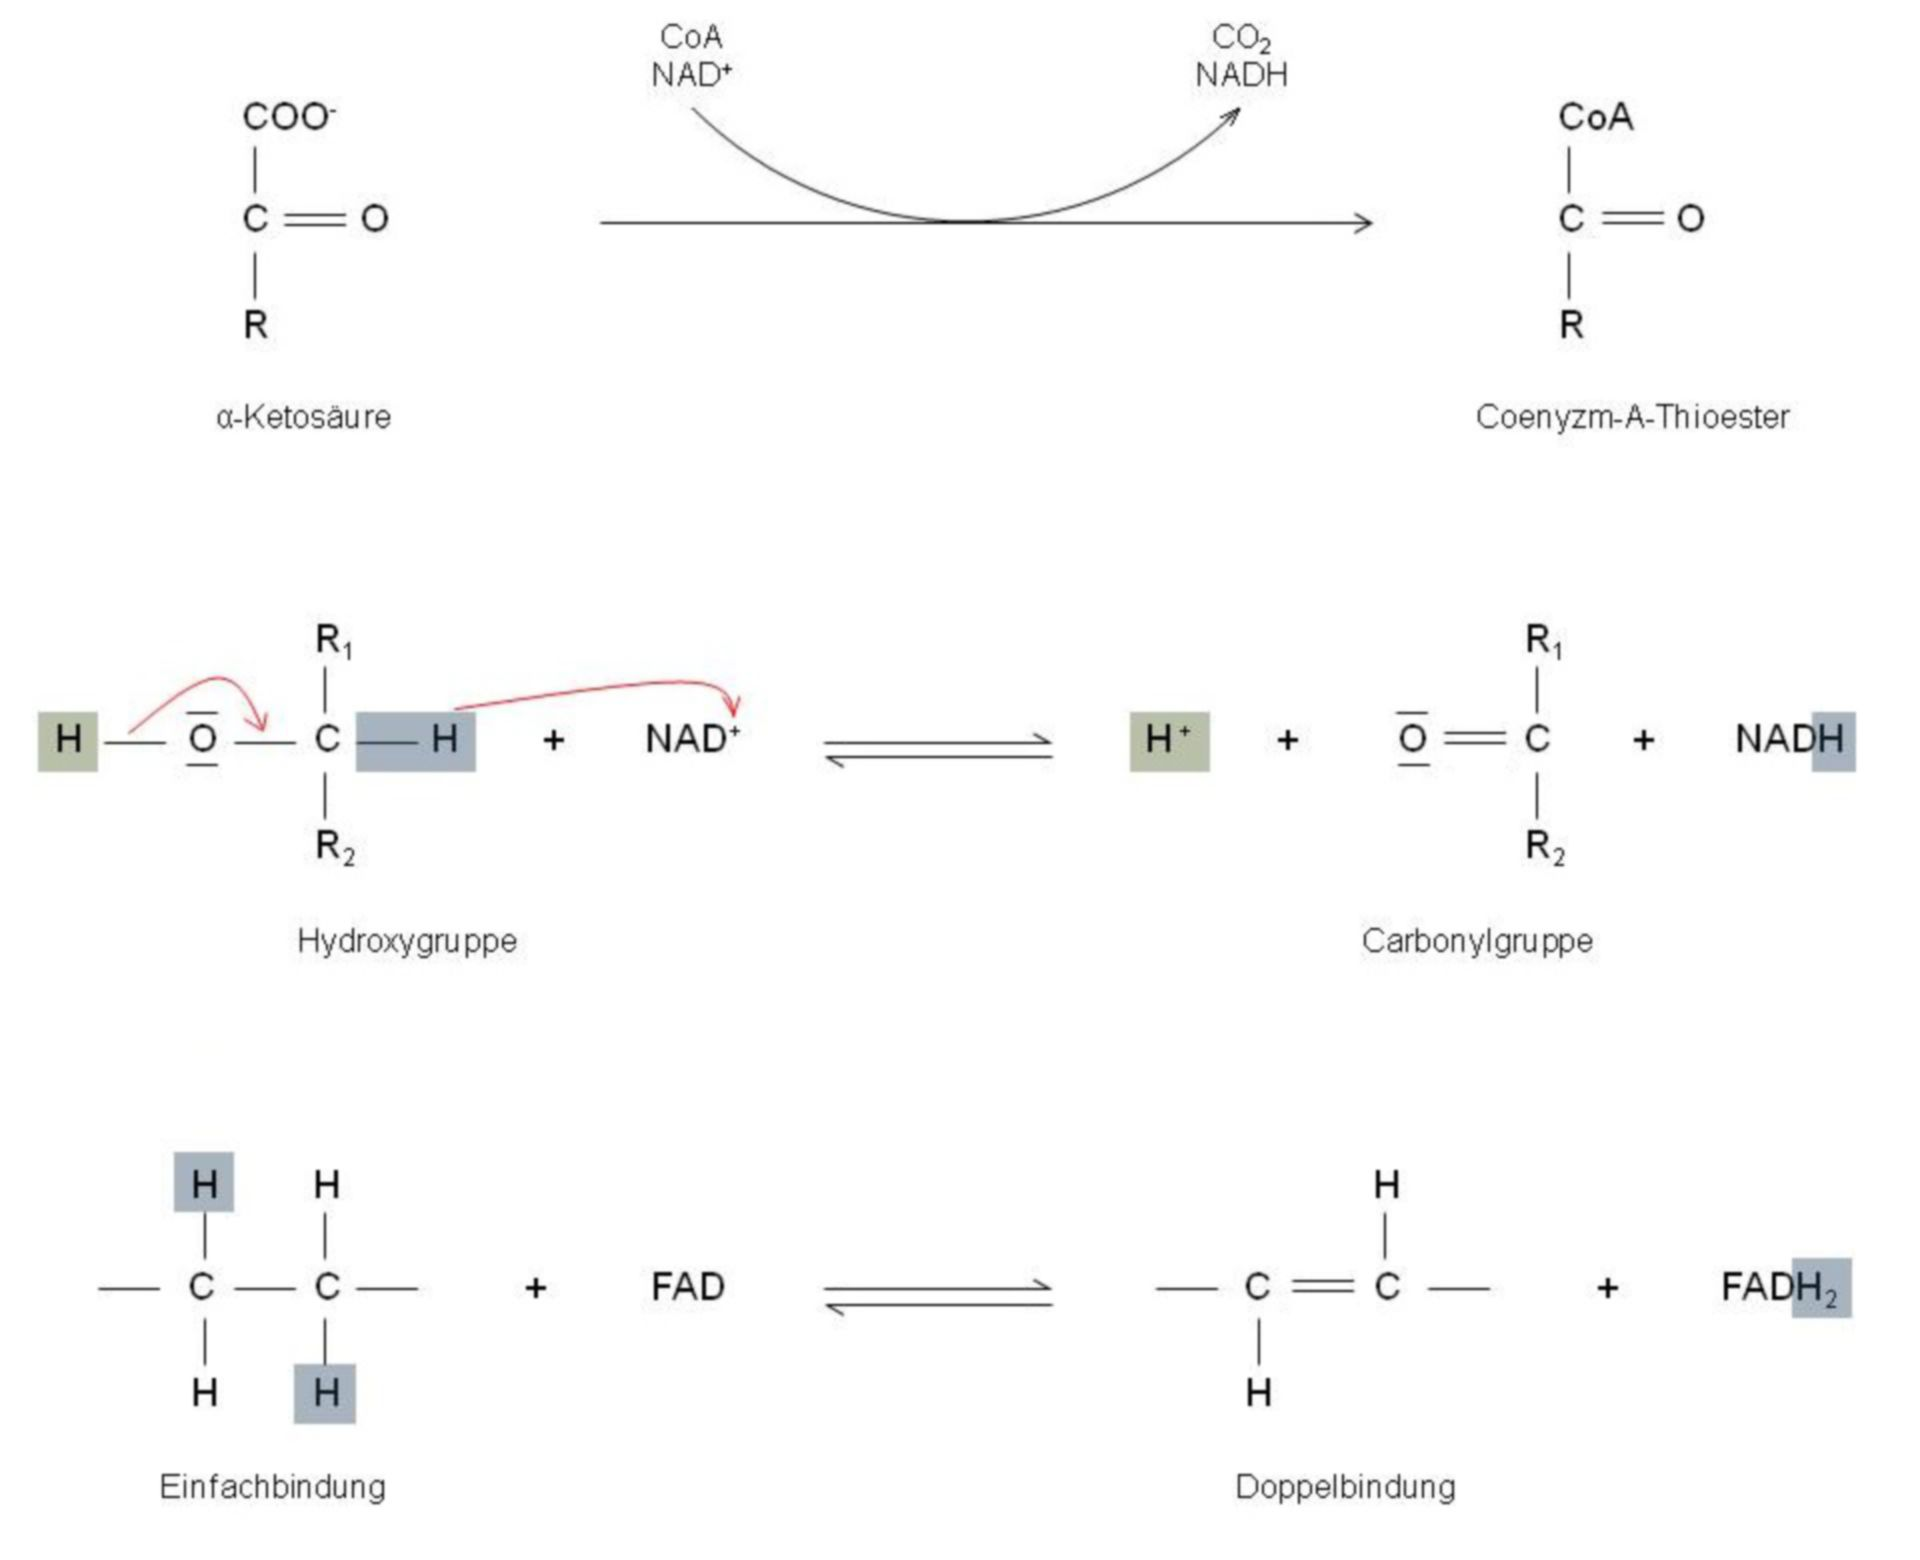 Reacciones de deshidrogenasas en el metabolismo